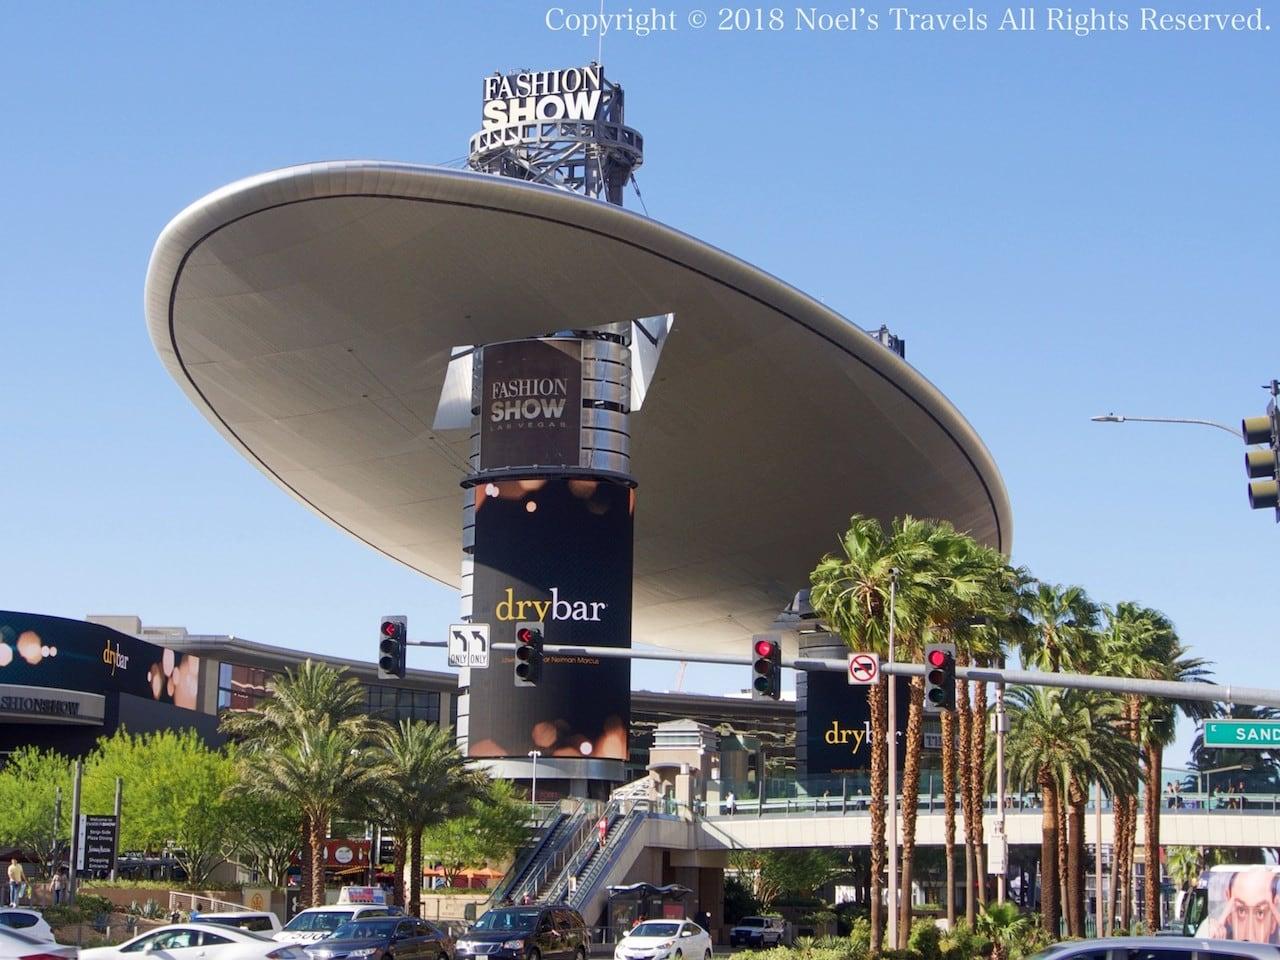 ラスベガスのショッピングモール「ファッション・ショー」